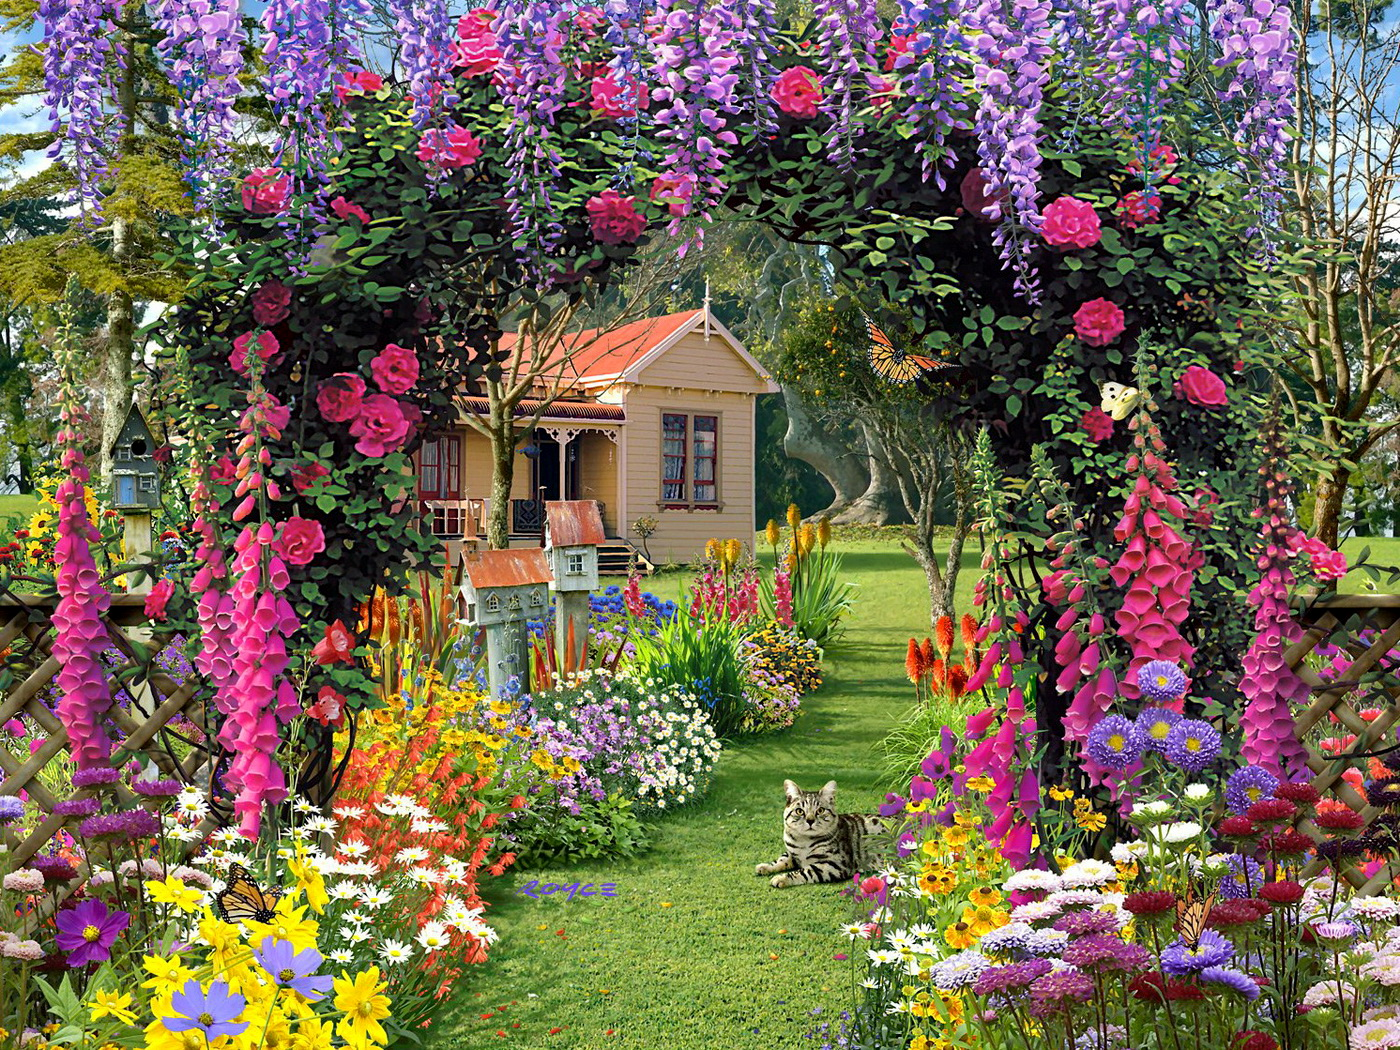 Comment Faire Un Beau Jardin comment créer un superbe jardin de fleurs – jardins et potagers